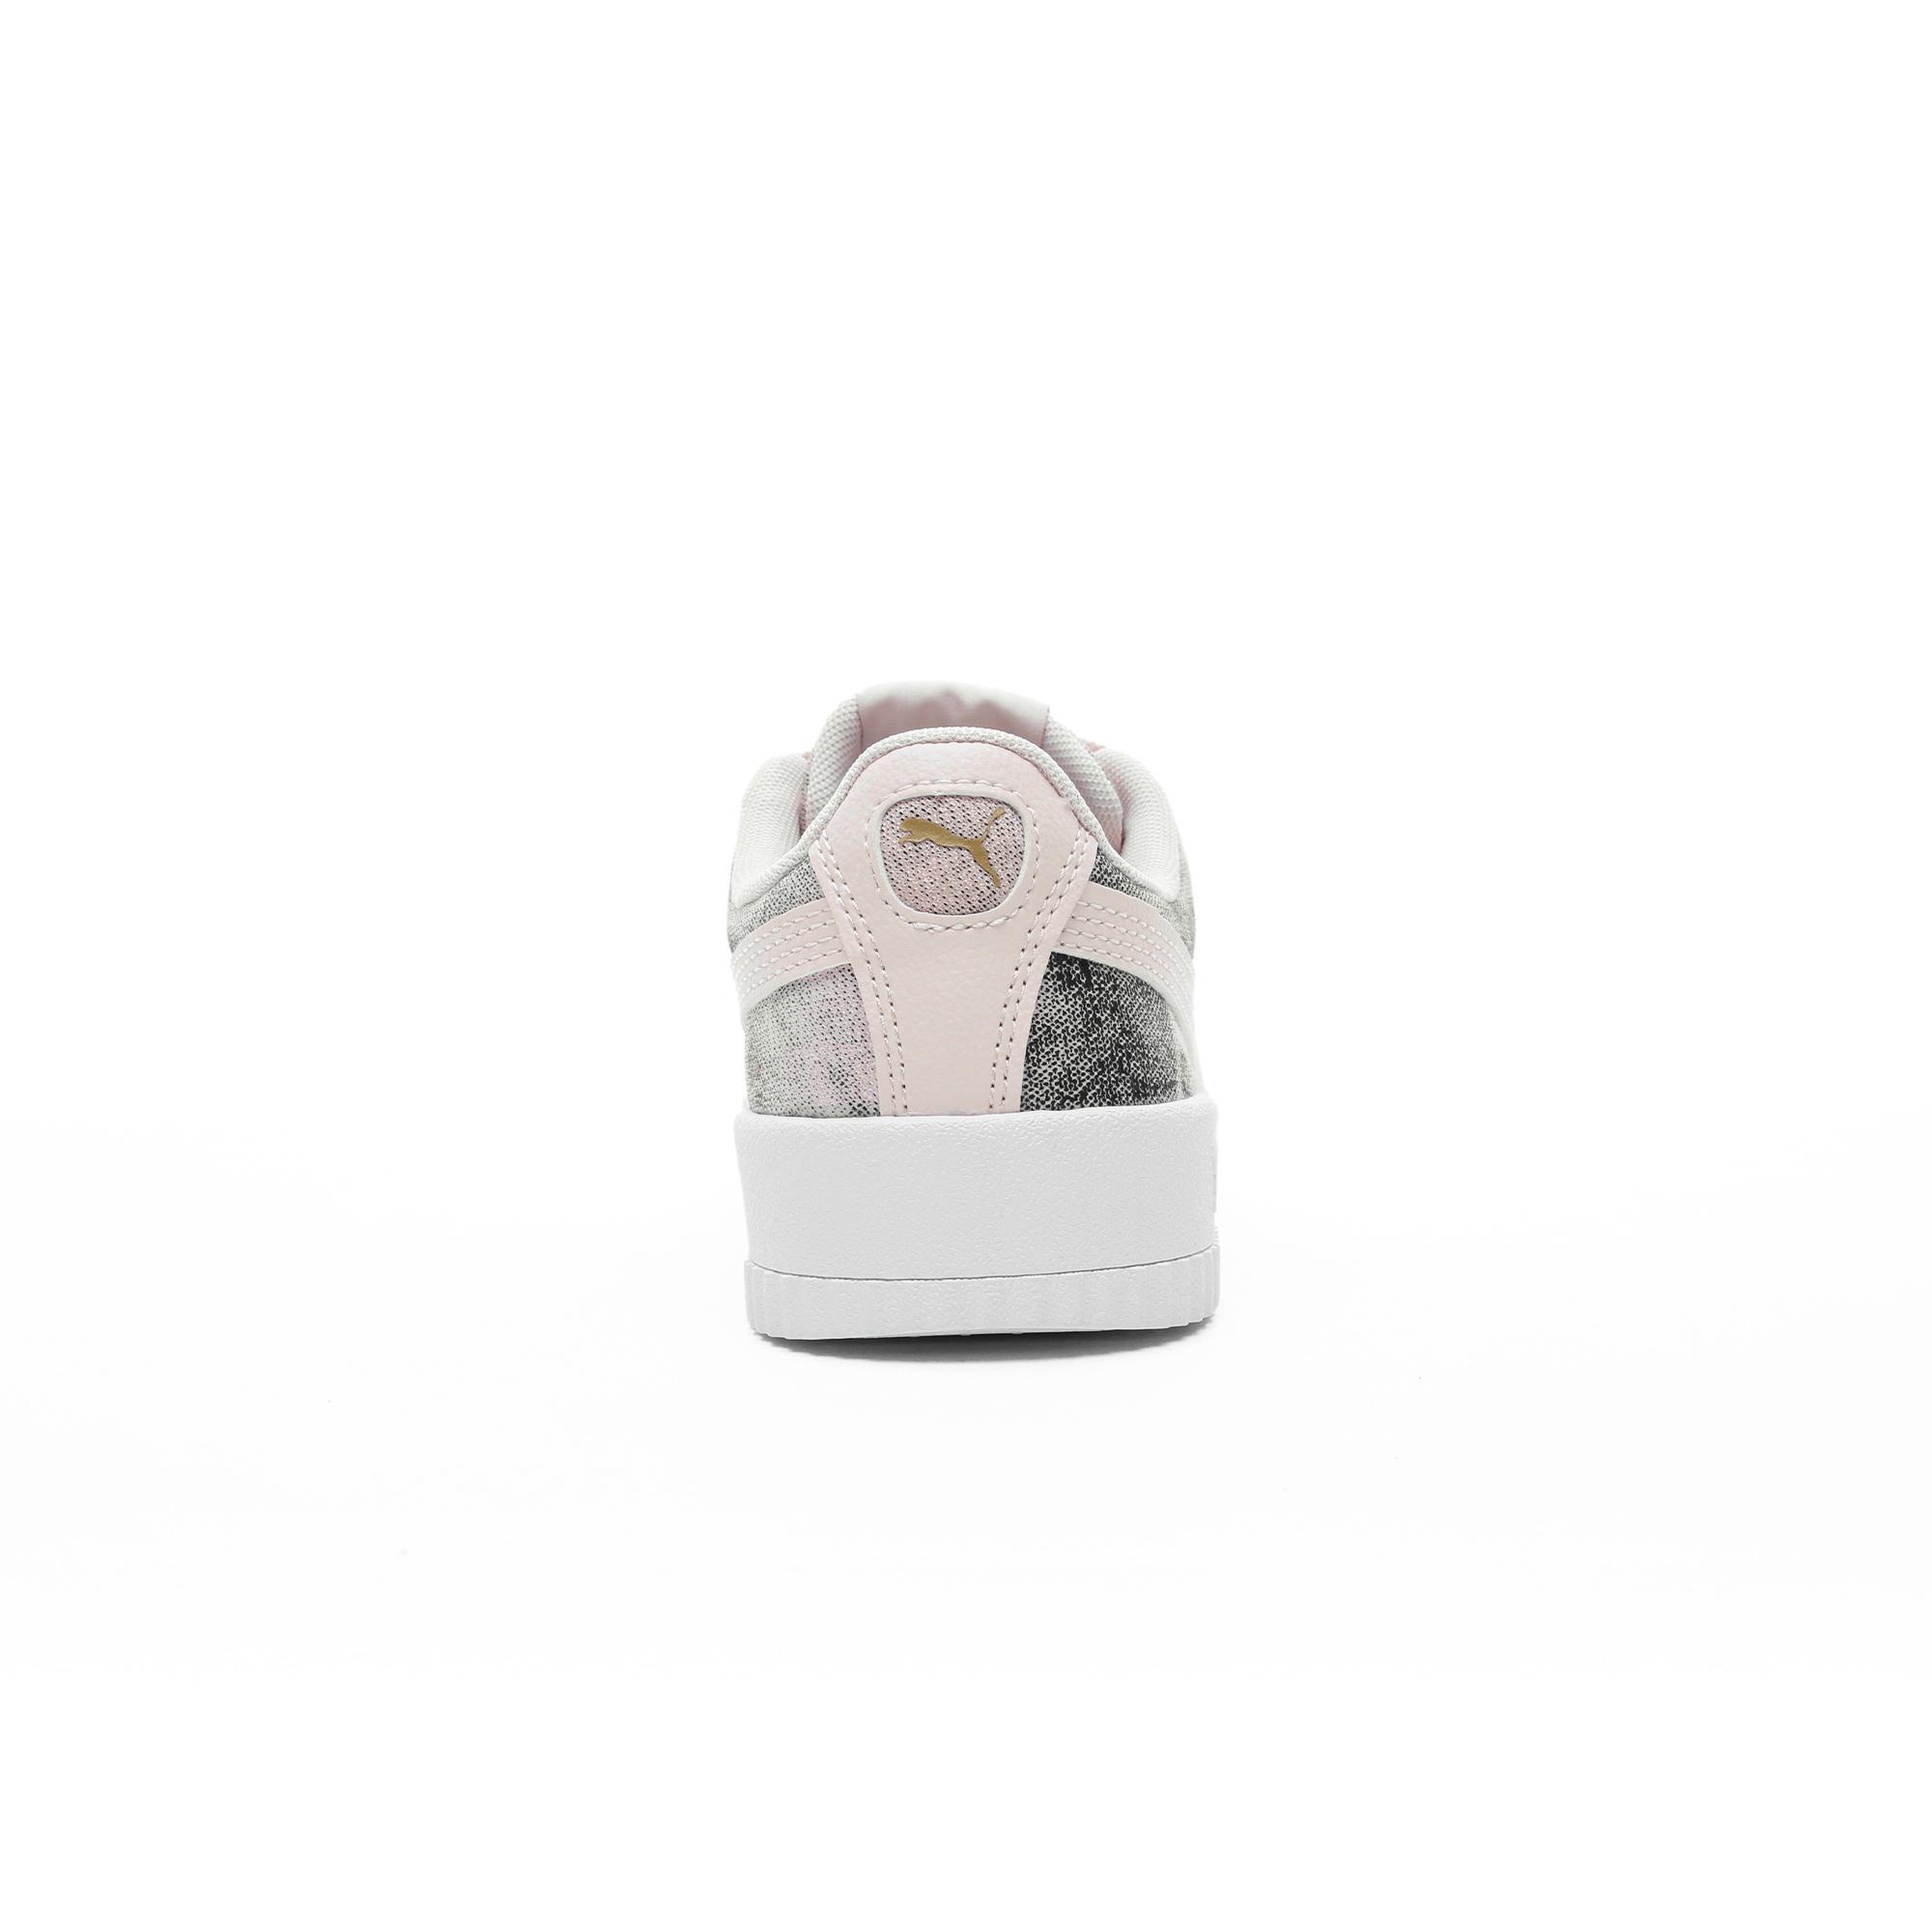 Puma Carina Tie-Dye Kadın Pembe Spor Ayakkabı